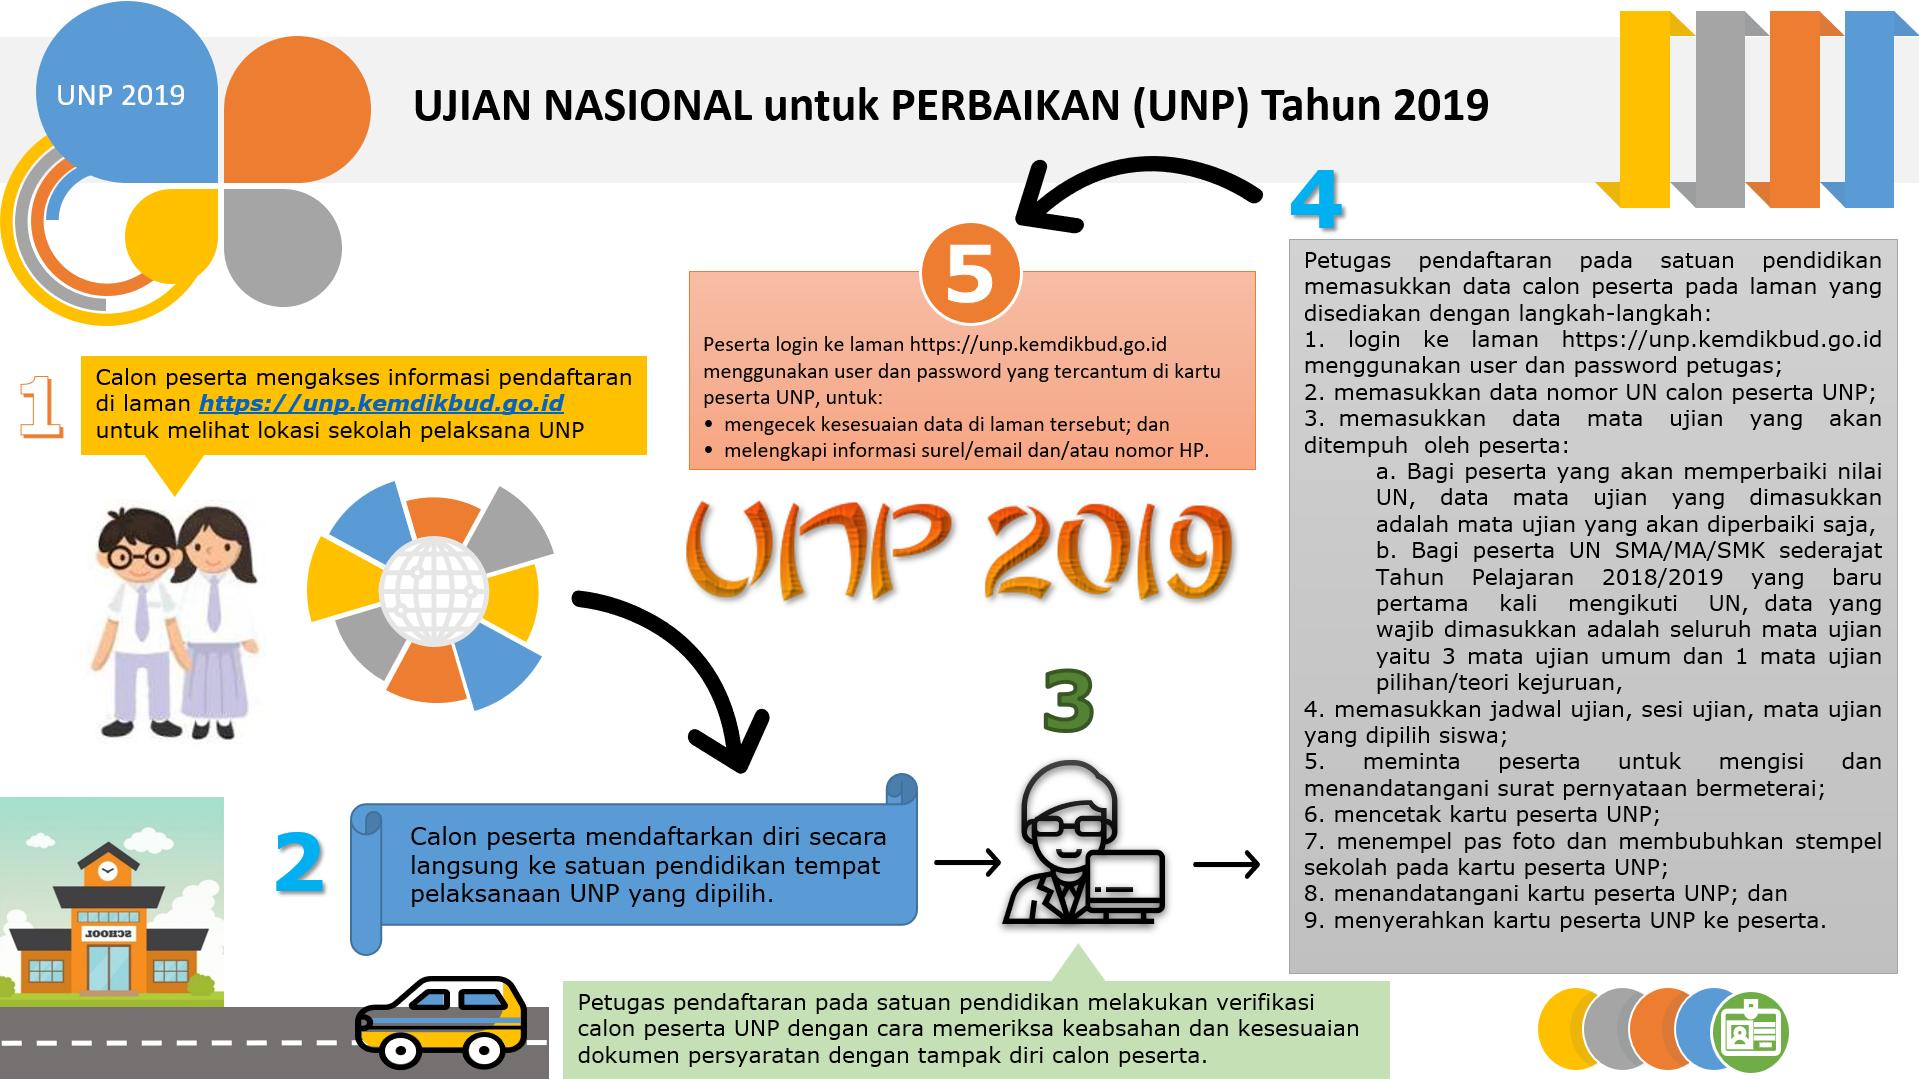 Ujian Nasional Untuk Perbaikan 2019